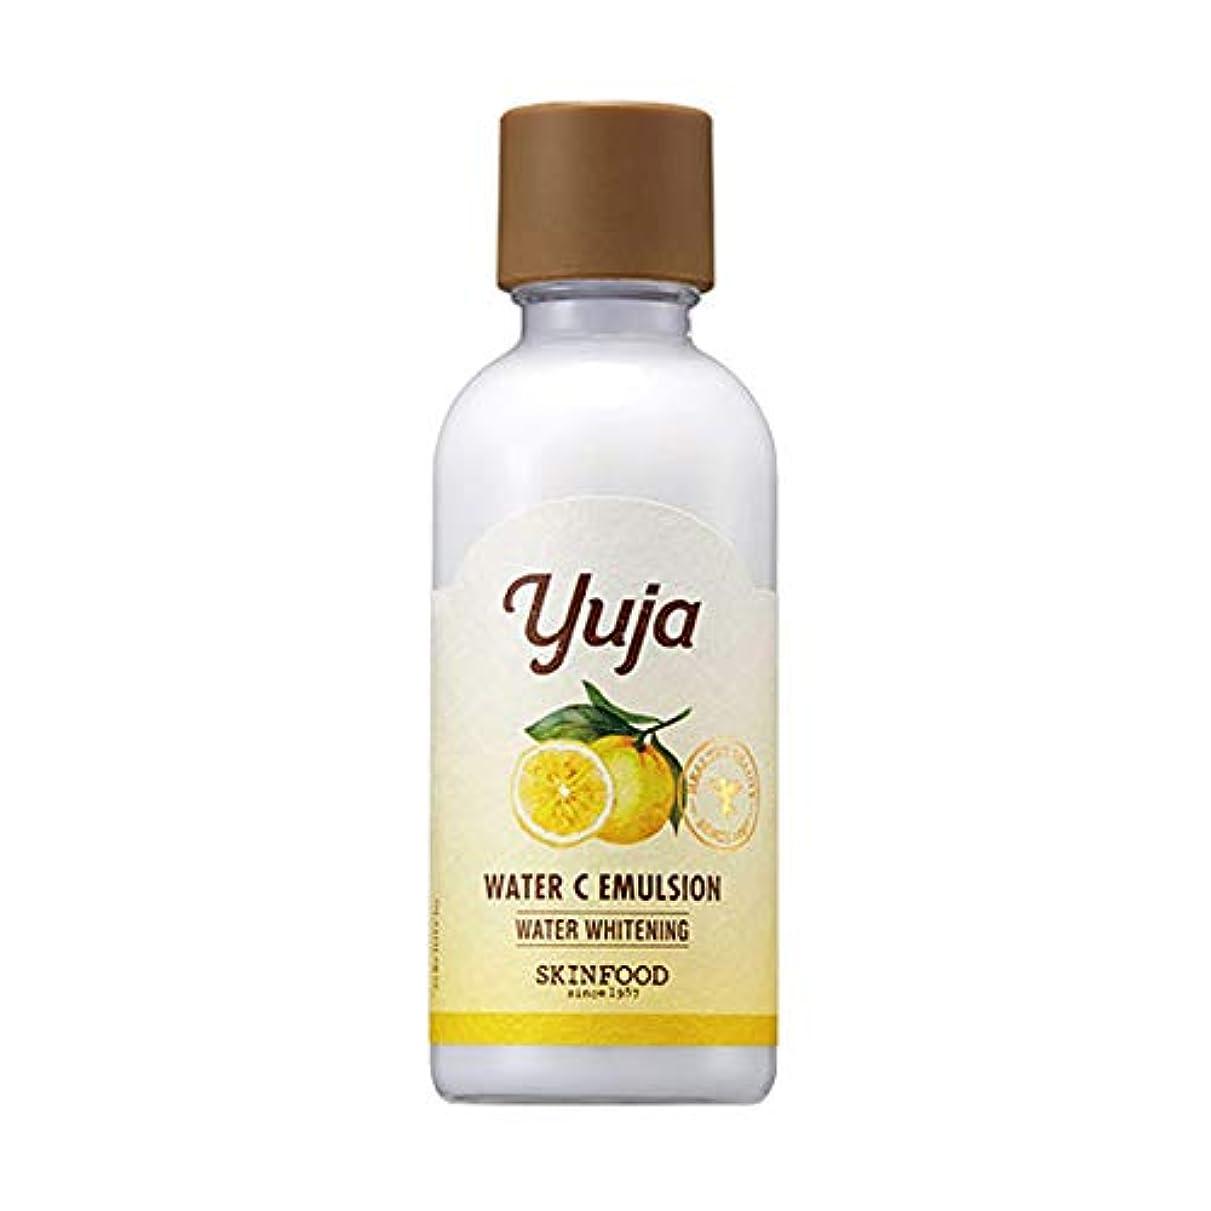 改革ペイント自治的Skinfood Yuja Water Cエマルジョン/Yuja Water C Emulsion 160ml [並行輸入品]